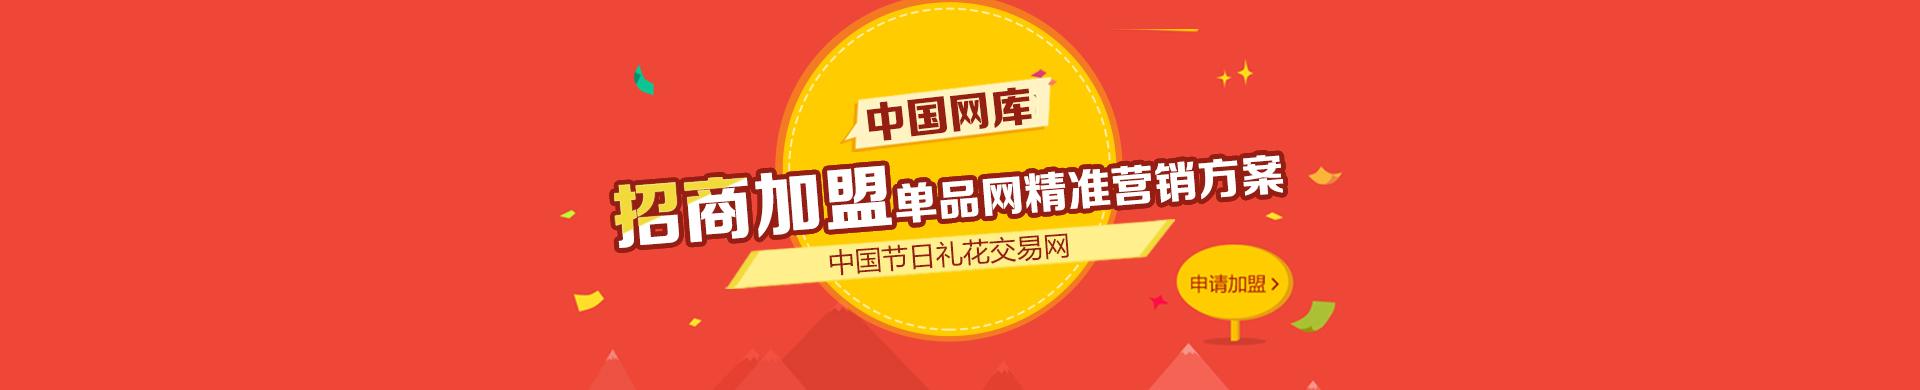 中国节日礼花交易网